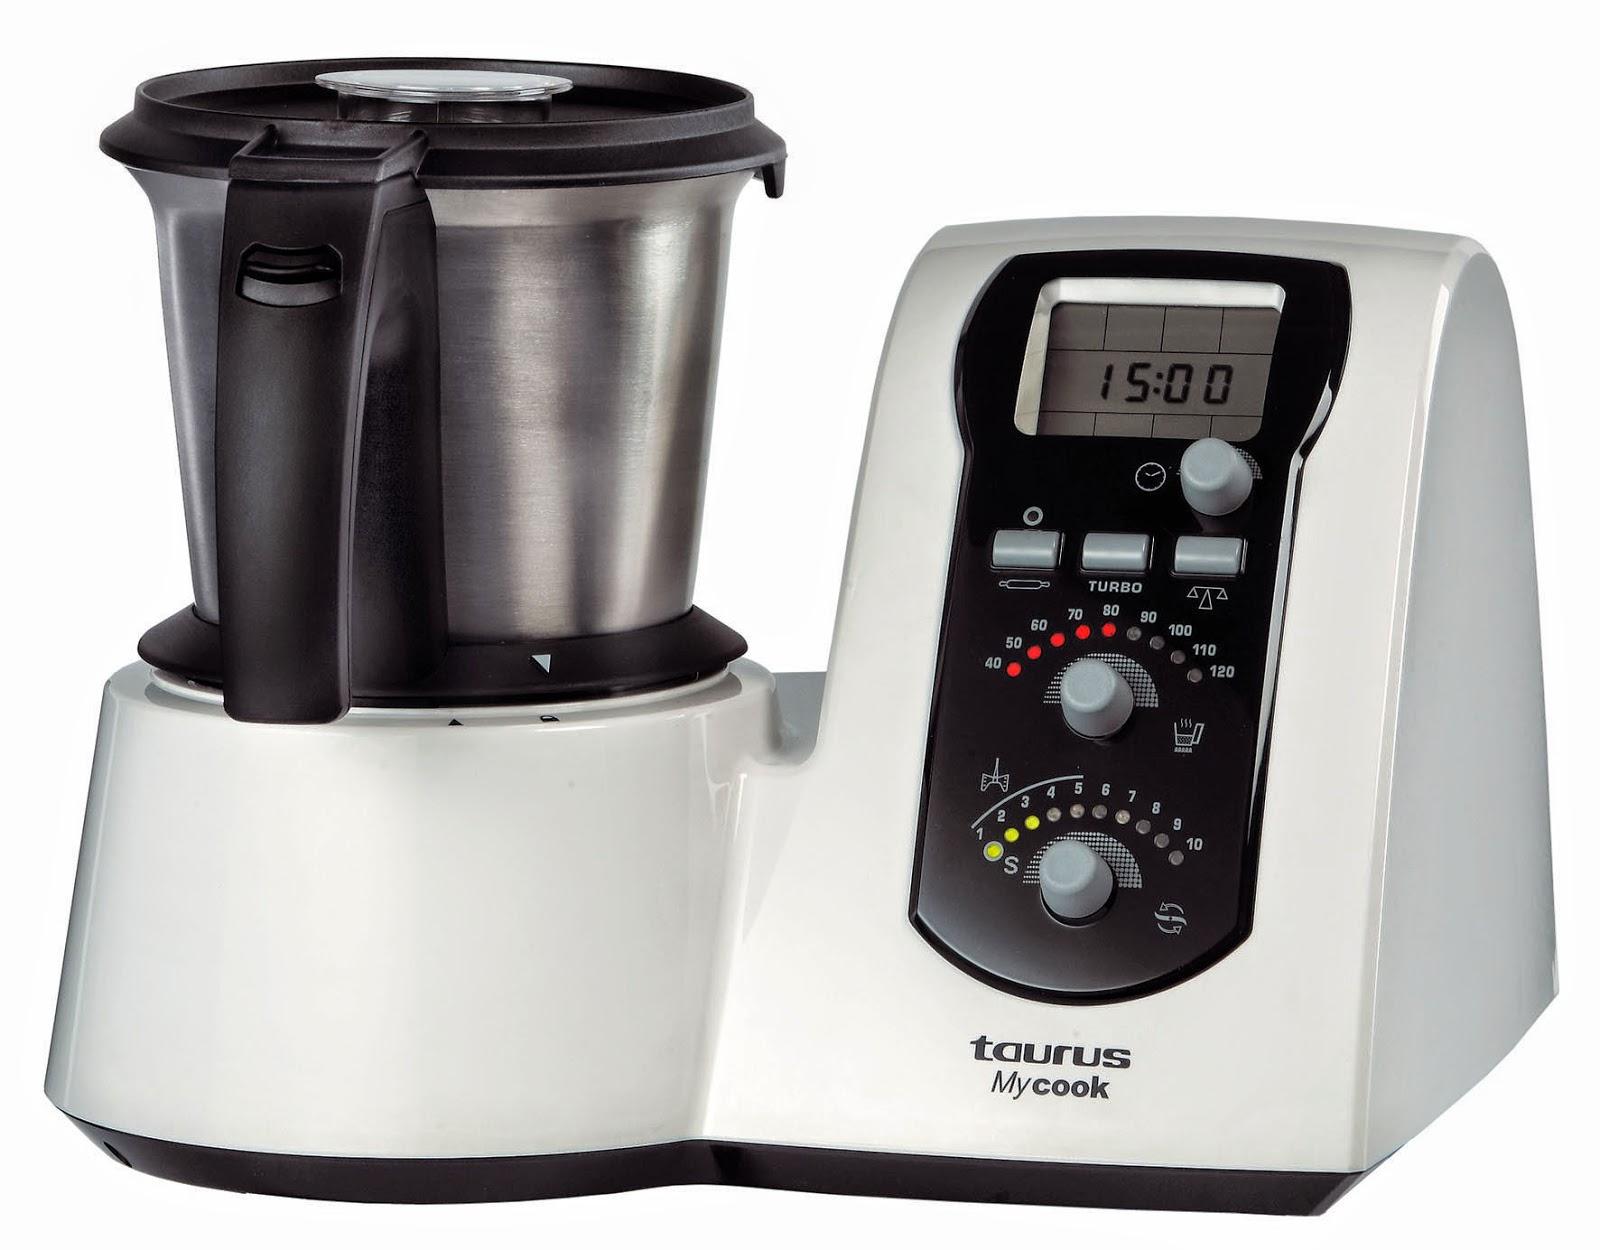 Bonito robot de cocina similar a thermomix galer a de - Robot de cocina monsieur cuisine plus ...